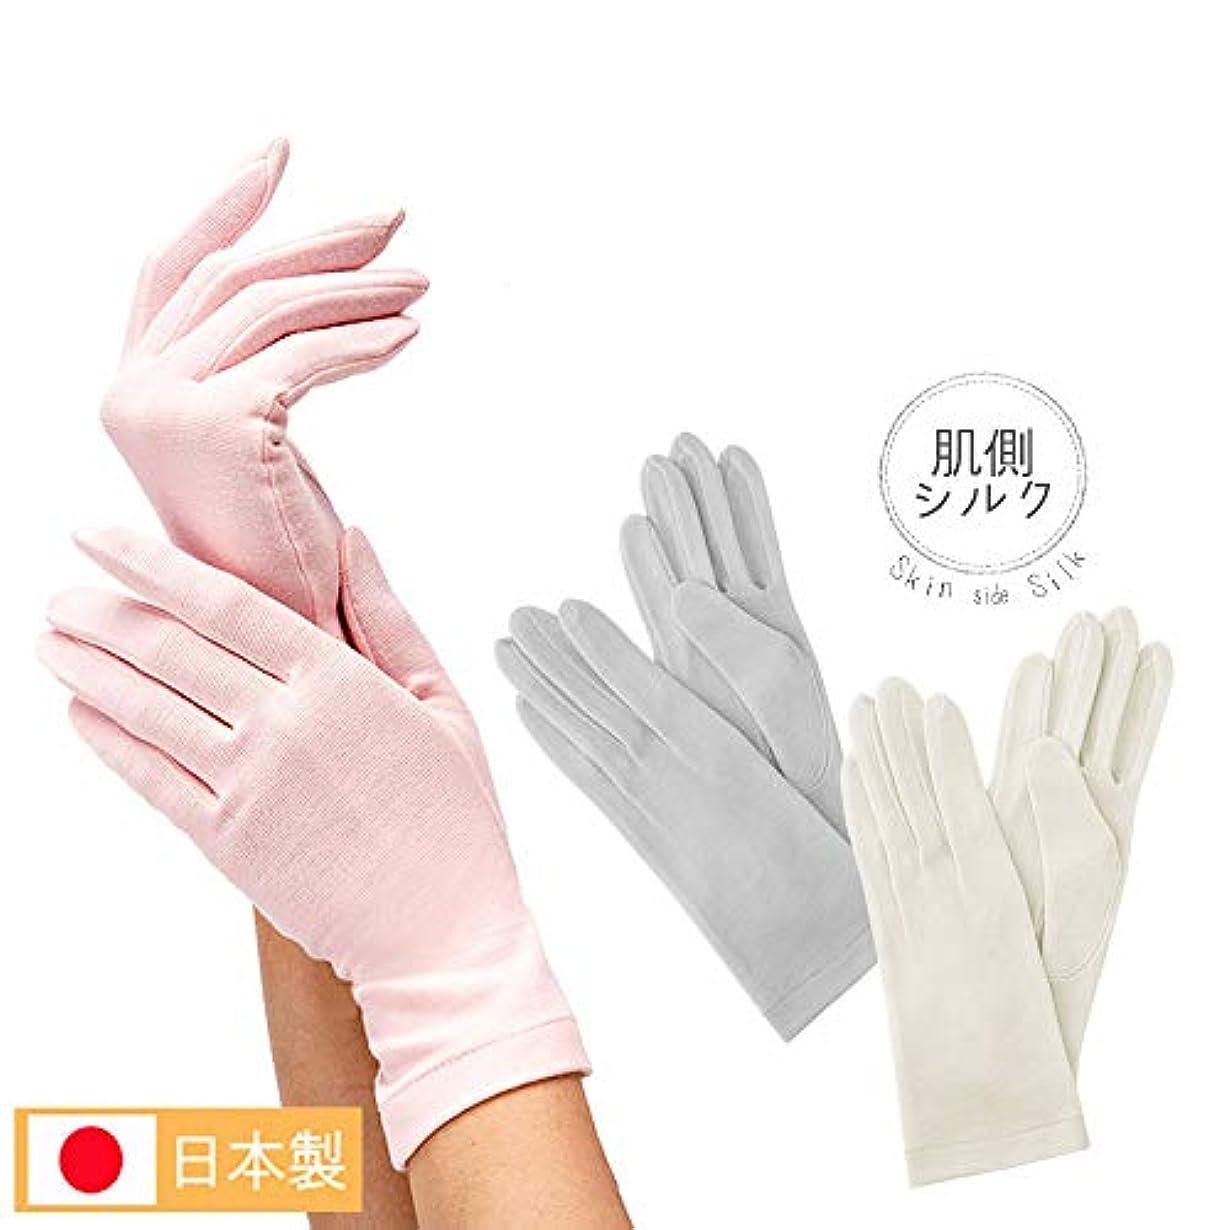 摘む患者集団G12-0071_PK 就寝用 裏シルクうるおい手袋 あったか 薄い 手荒れ ハンドケア 保湿 レディース 女性 おやすみ 寝るとき 日本製 ピンク